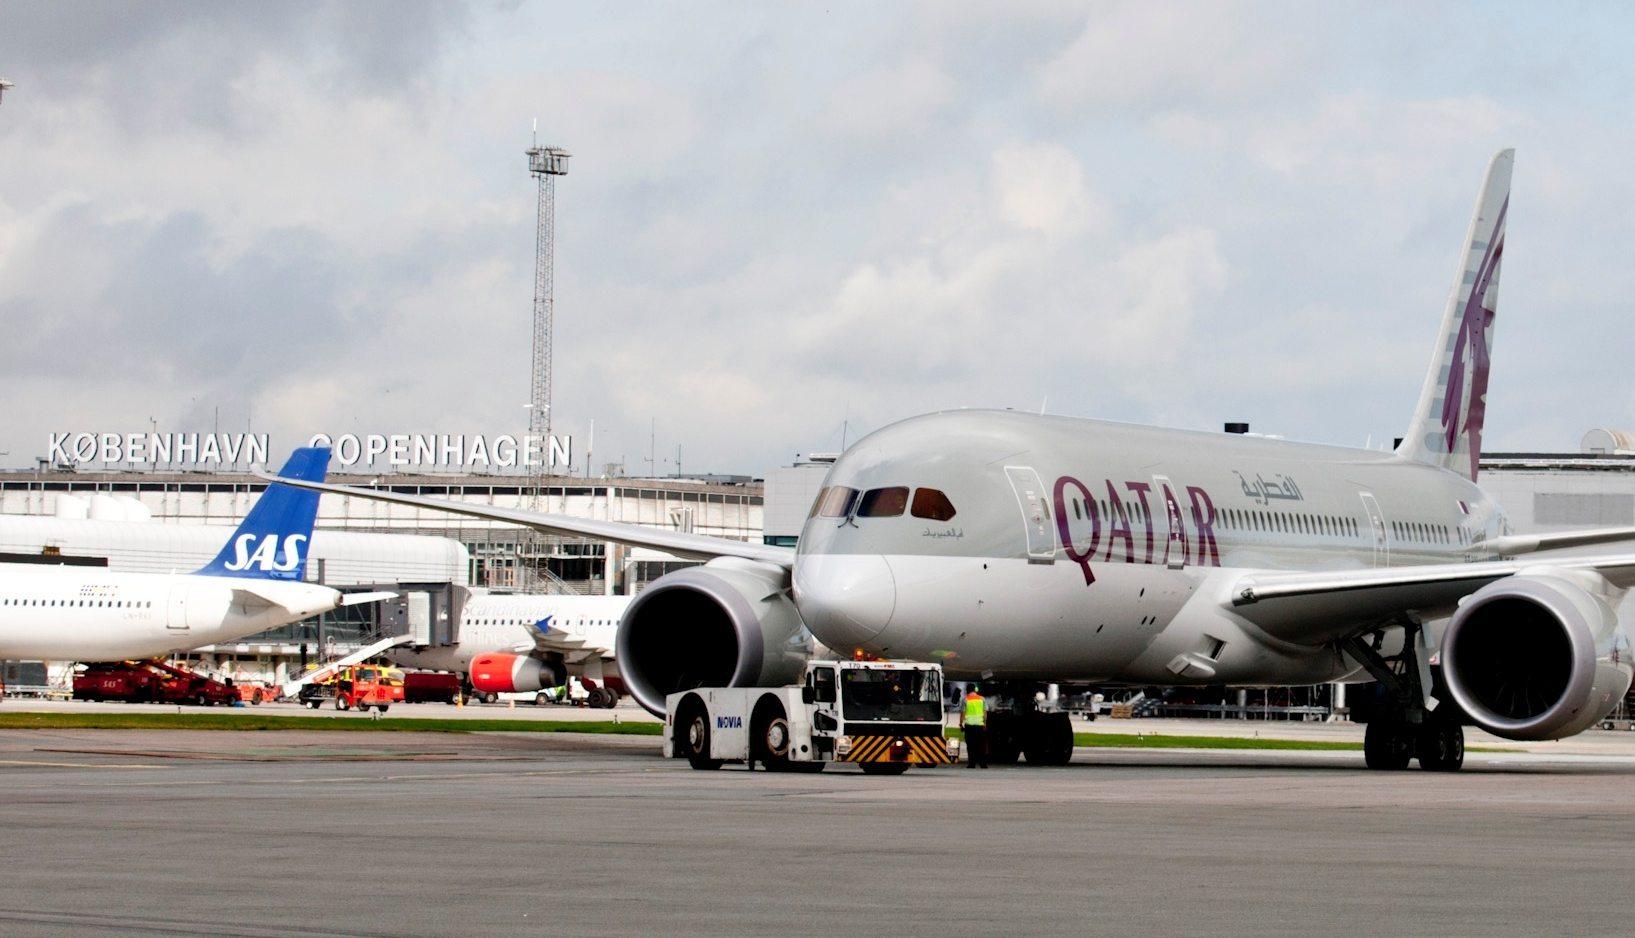 Arkivfoto fra Københavns Lufthavn med et fly fra Qatar Airways, dette er dog en Boeing B787 Dreamliner, der tidligere blev brugt på ruten mellem Doha og København.